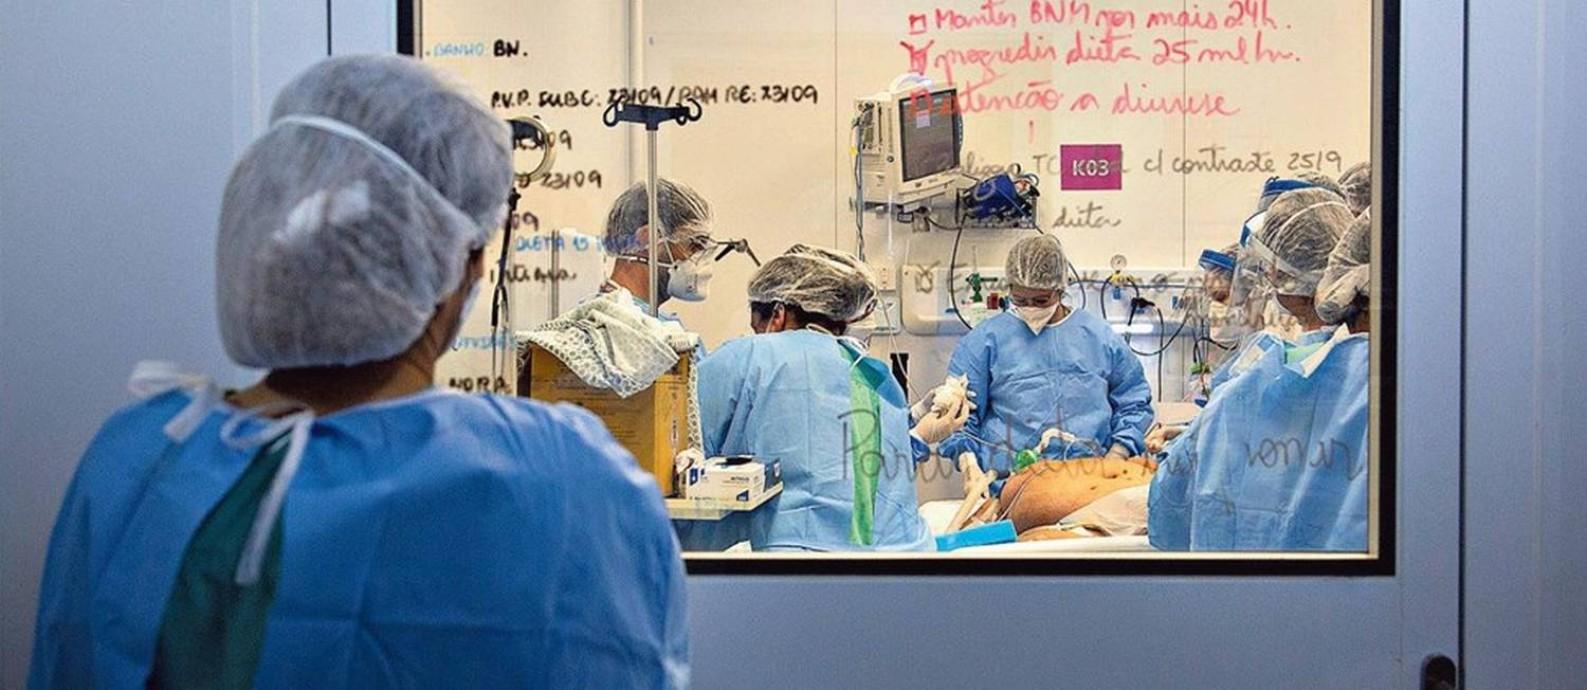 O Centro Hospitalar Covid-19 foi erguido em sete semanas e inaugurado em maio para receber doentes graves; nas portas e janelas internas de vidro estão listados detalhes sobre o quadro clínico de cada paciente Foto: Gabriel Monteiro